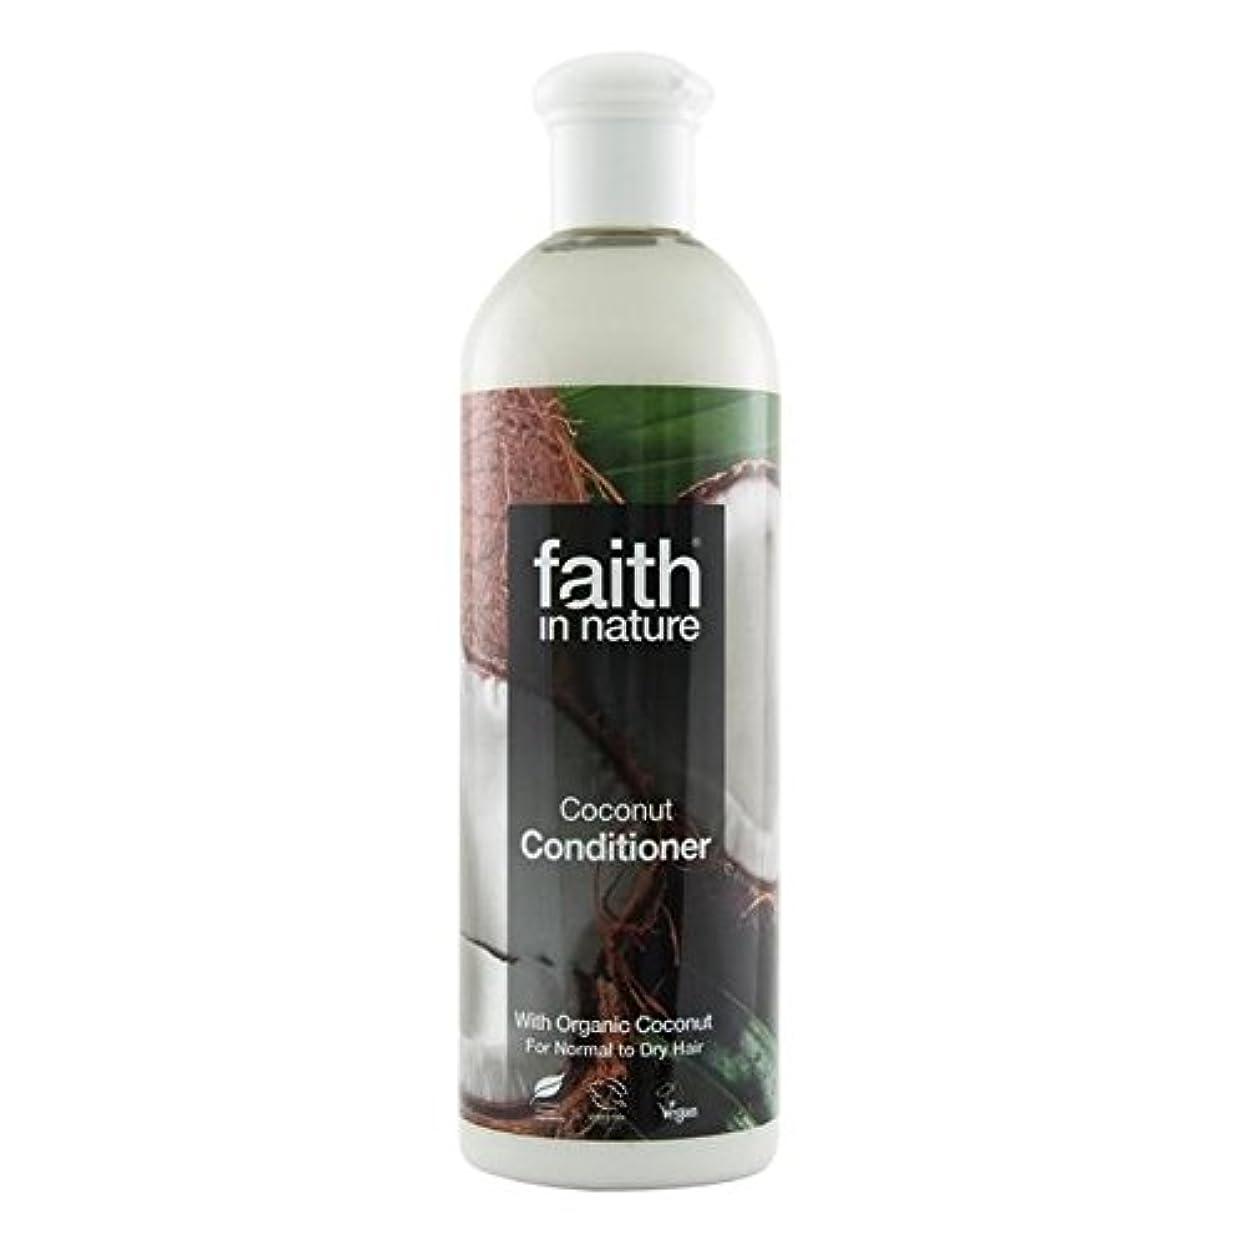 お酢貴重な噴水Faith in Nature Coconut Conditioner 400ml (Pack of 2) - (Faith In Nature) 自然ココナッツコンディショナー400ミリリットルの信仰 (x2) [並行輸入品]